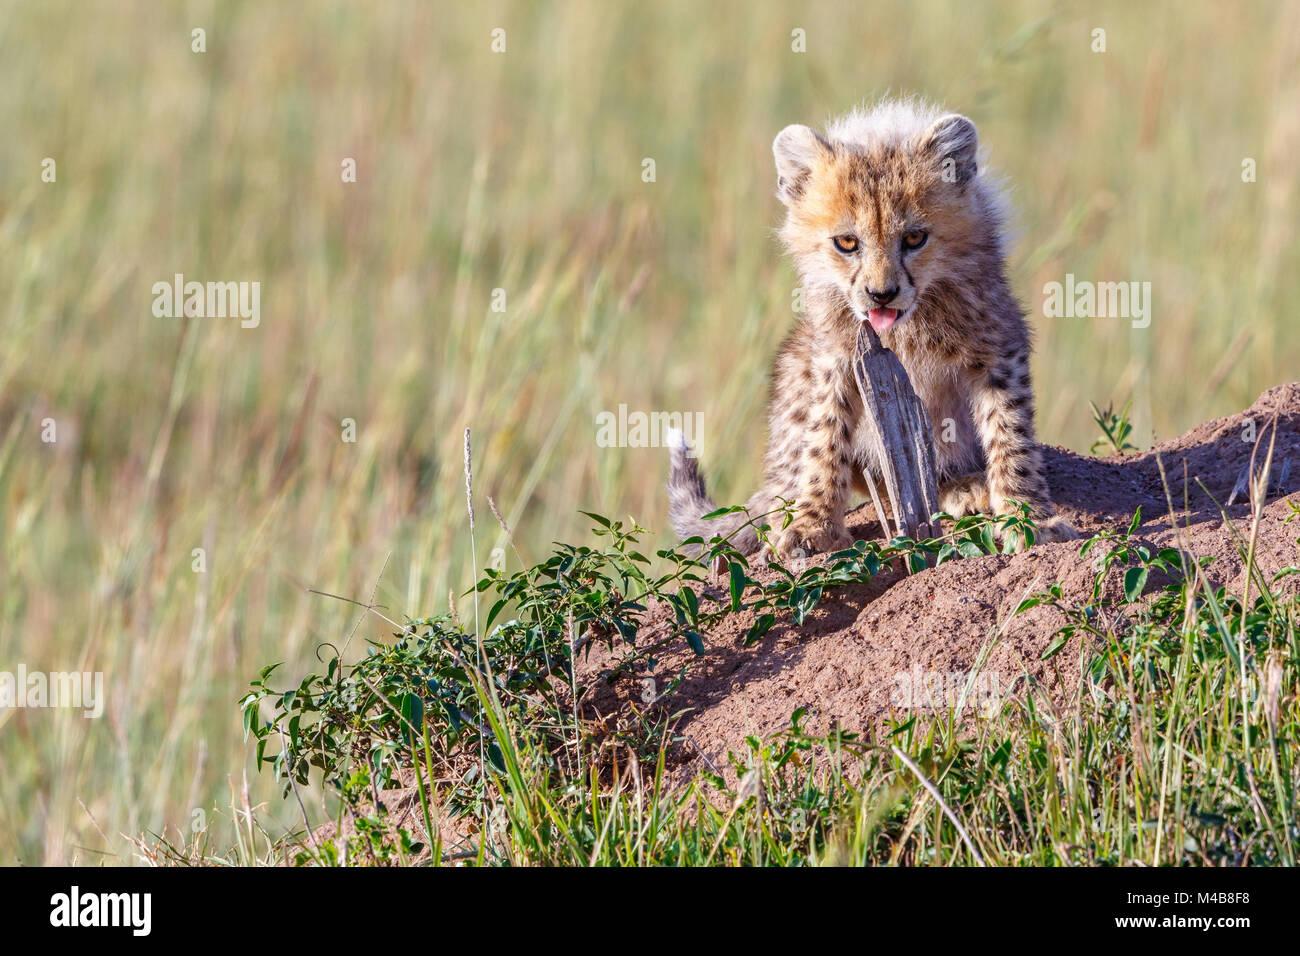 Young cheetah cub licking at a wood stick and looking at the camera - Stock Image